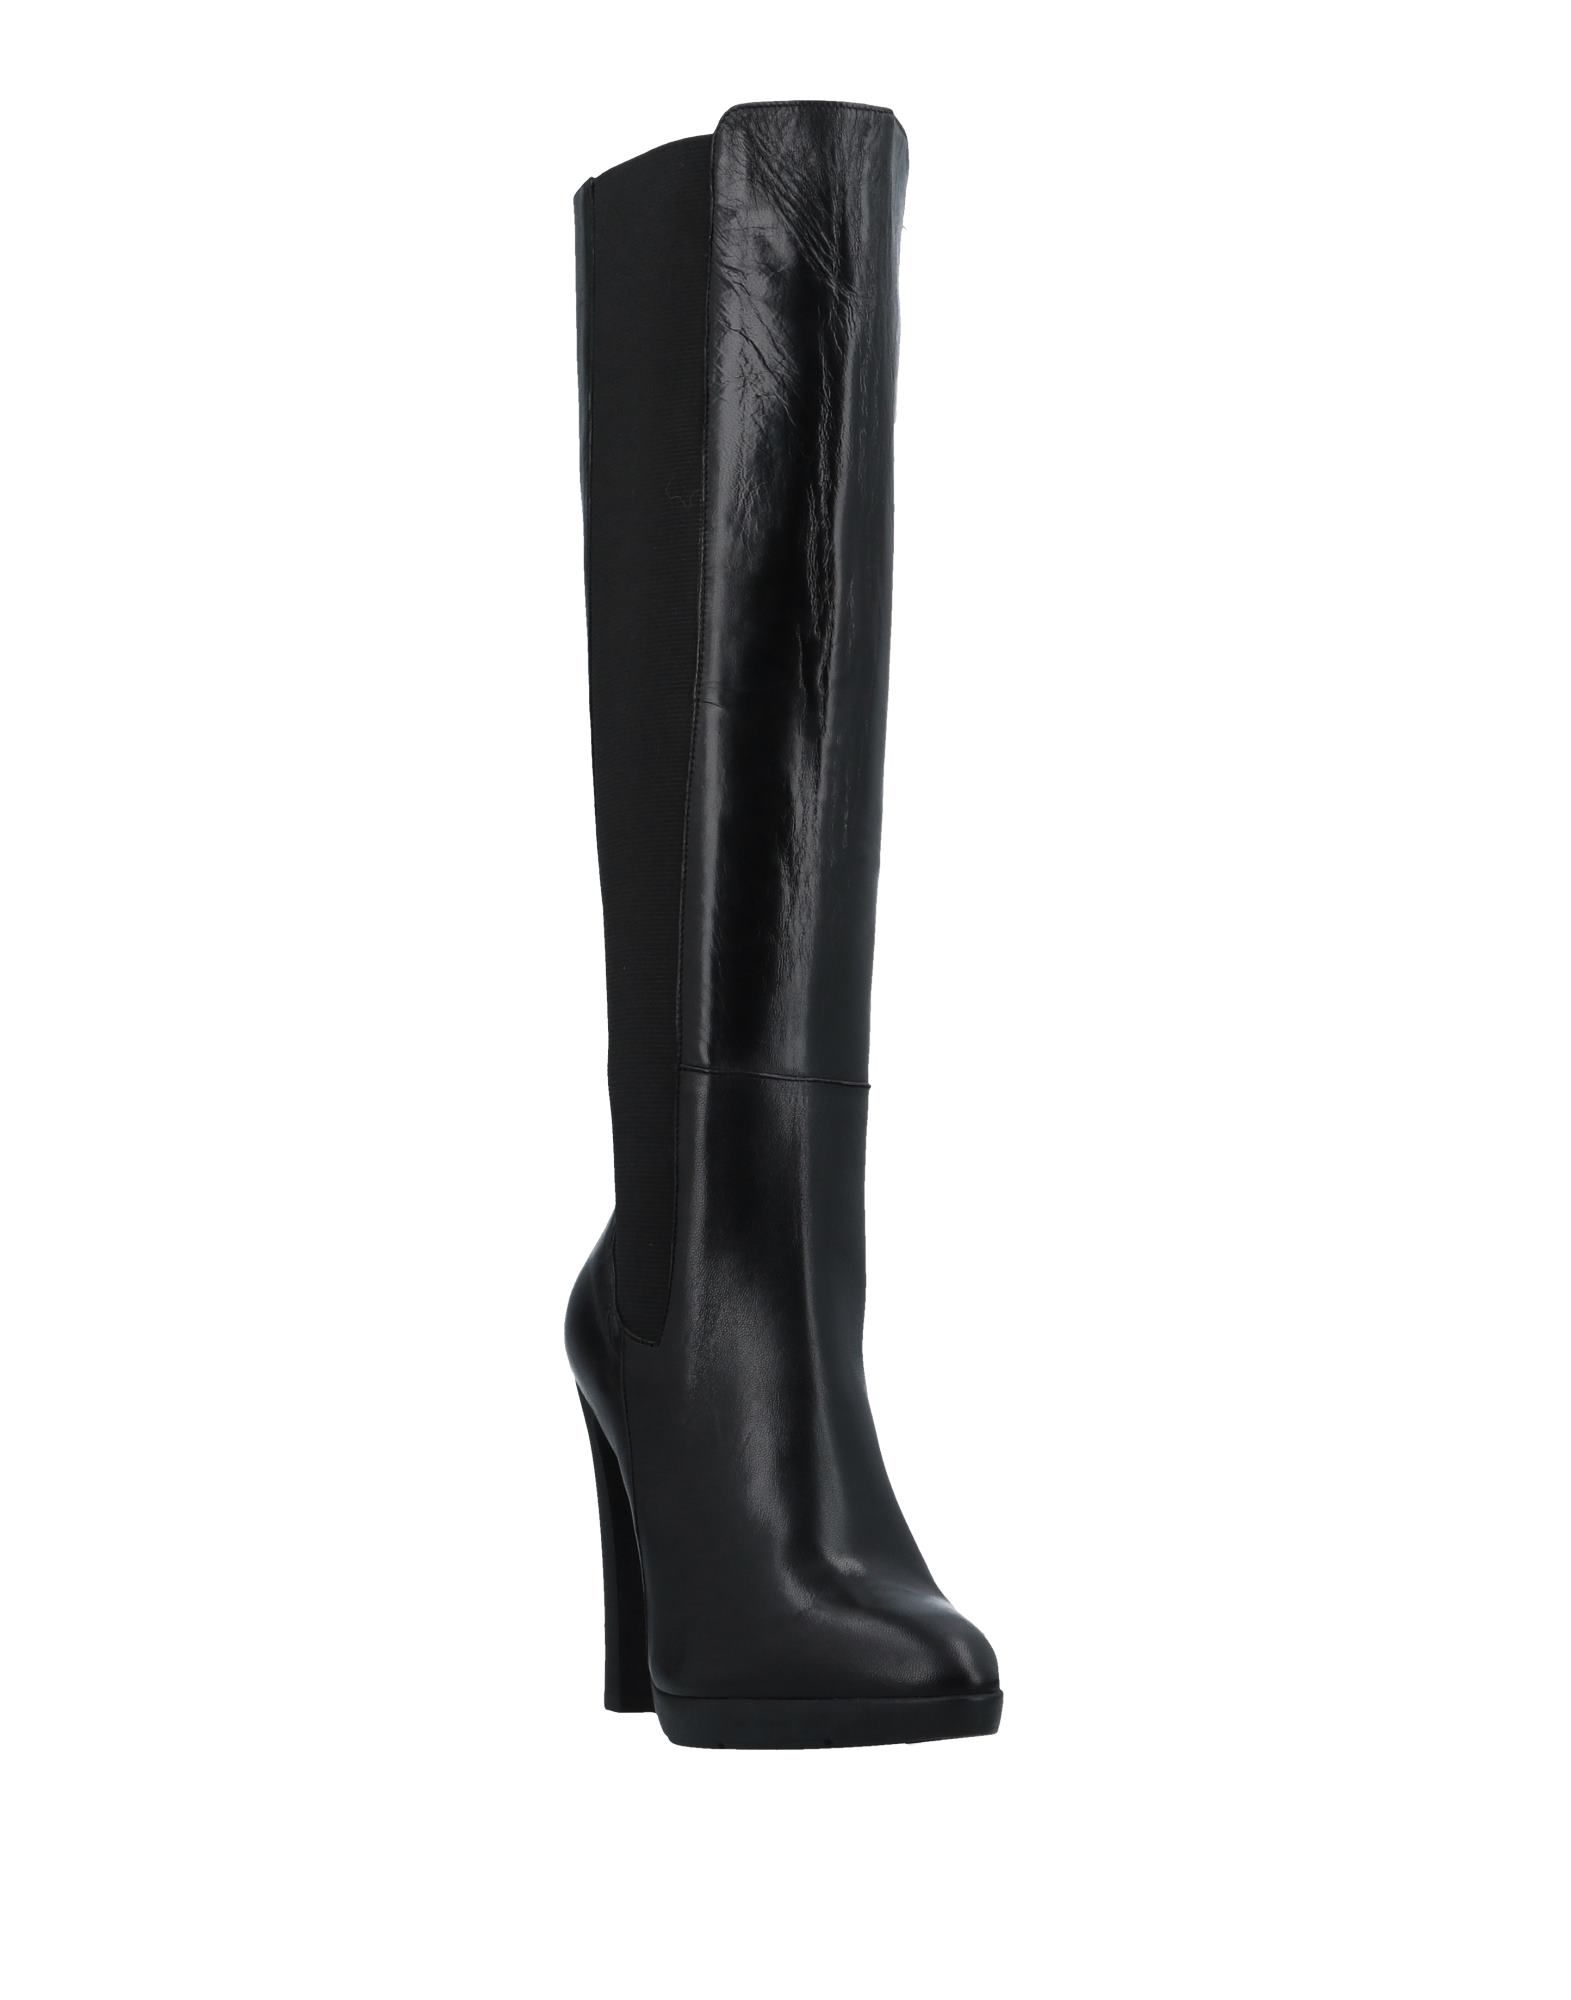 Stilvolle Frau billige Schuhe Frau Stilvolle Stiefel Damen  11508654FH b0effe